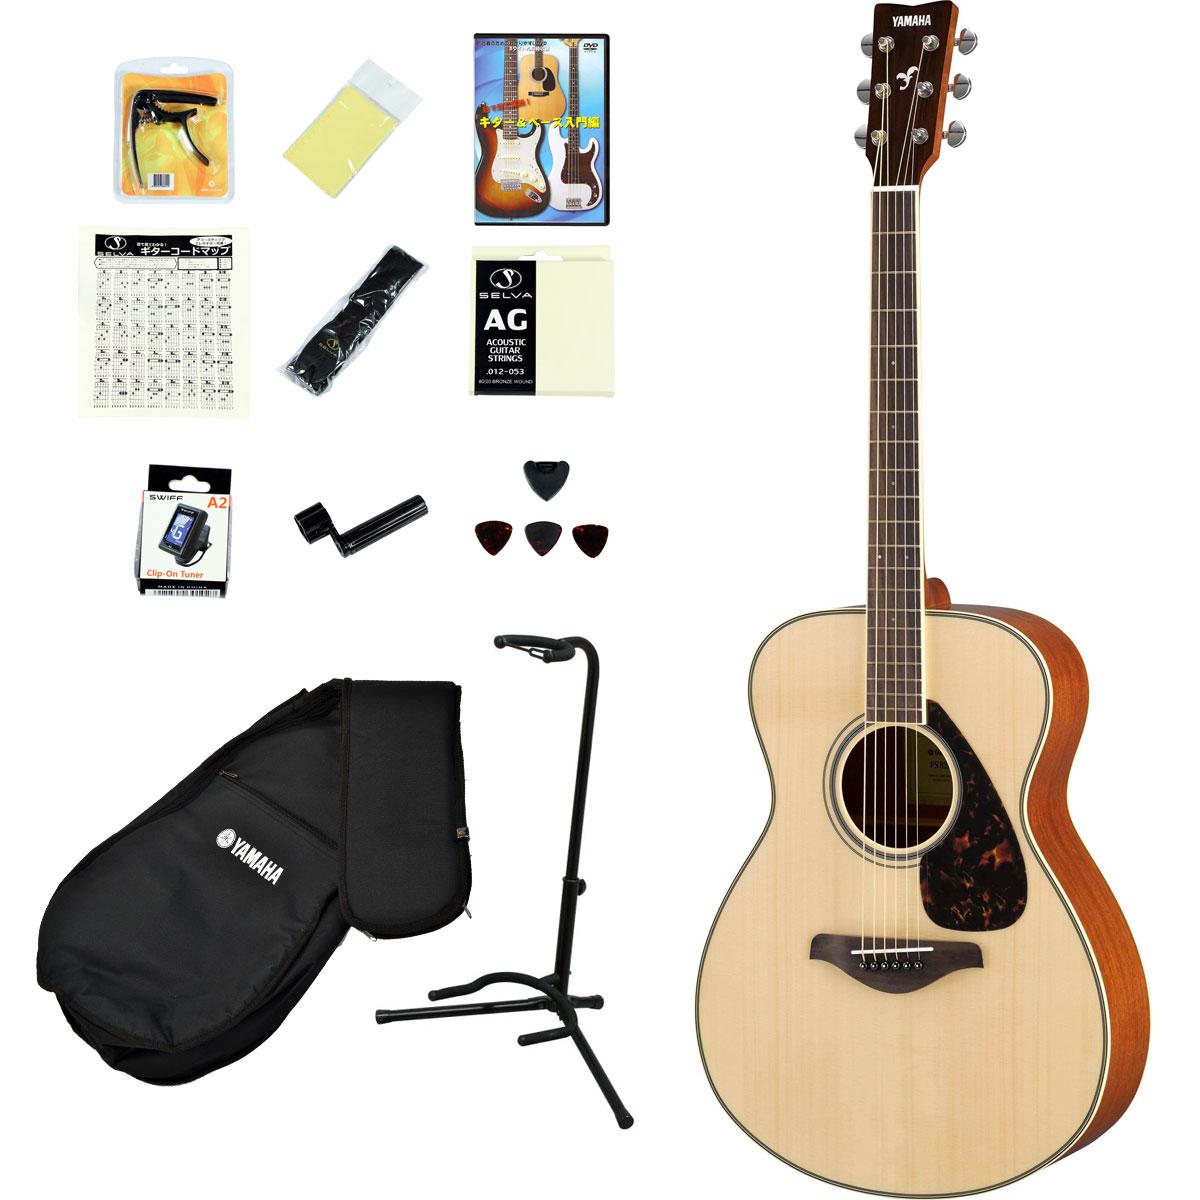 YAMAHA / FS820 NT(ナチュラル) 【アコースティックギター14点入門セット!】 ヤマハ フォークギター アコギ FS-820 入門 初心者【YRK】